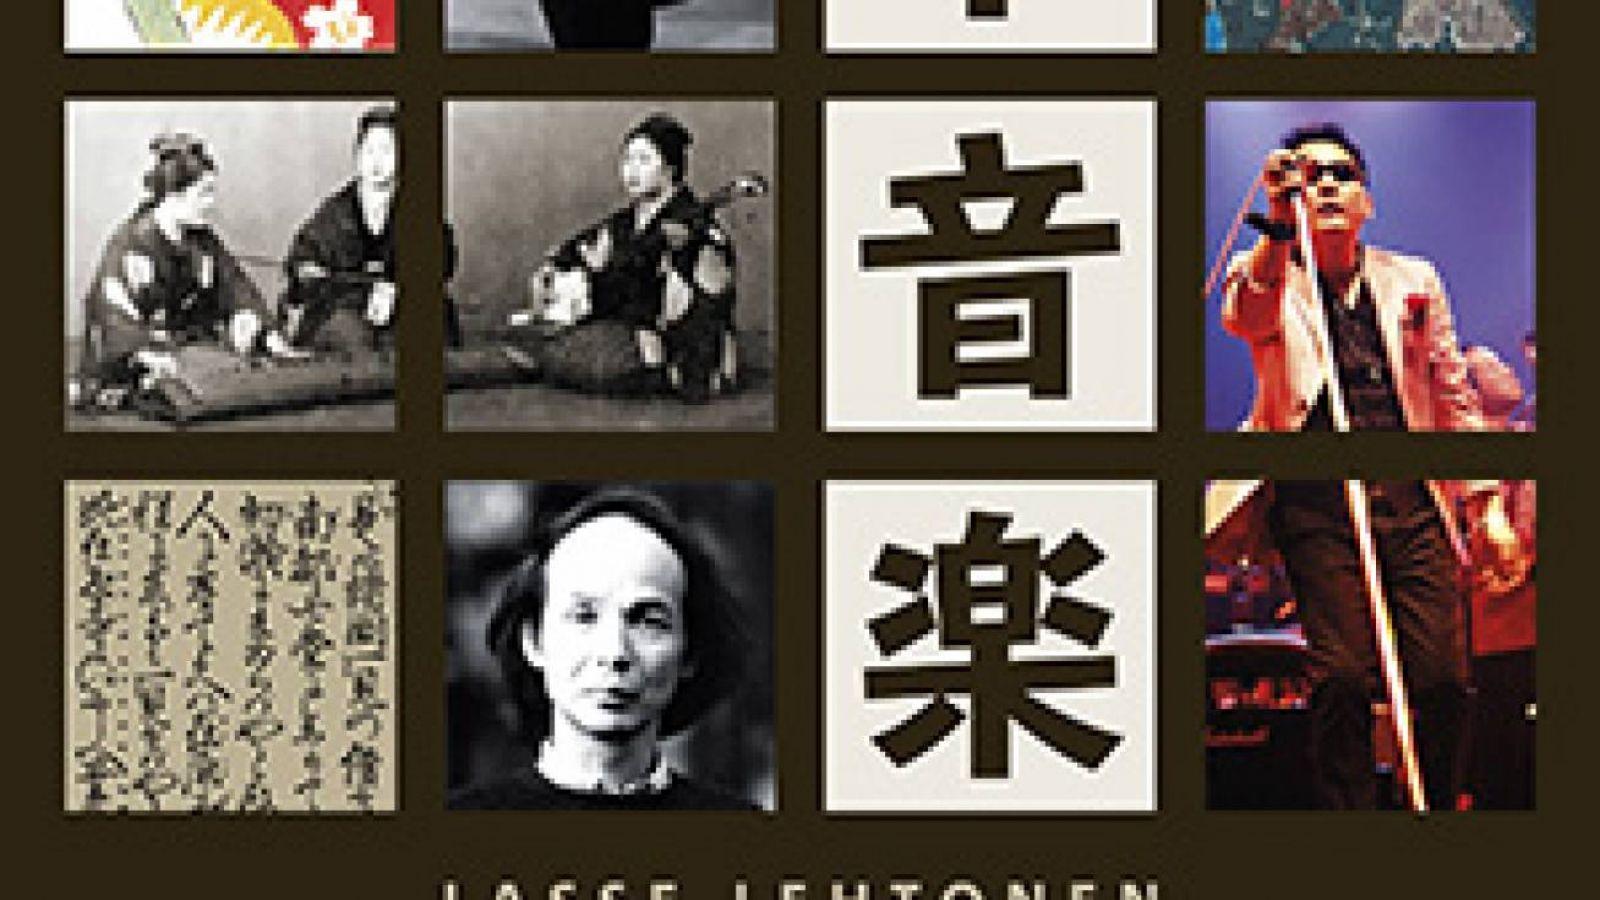 Japanilaisesta musiikkikulttuurista julkaistaan kattava kirja © Gaudeamus. All Rights Reserved.